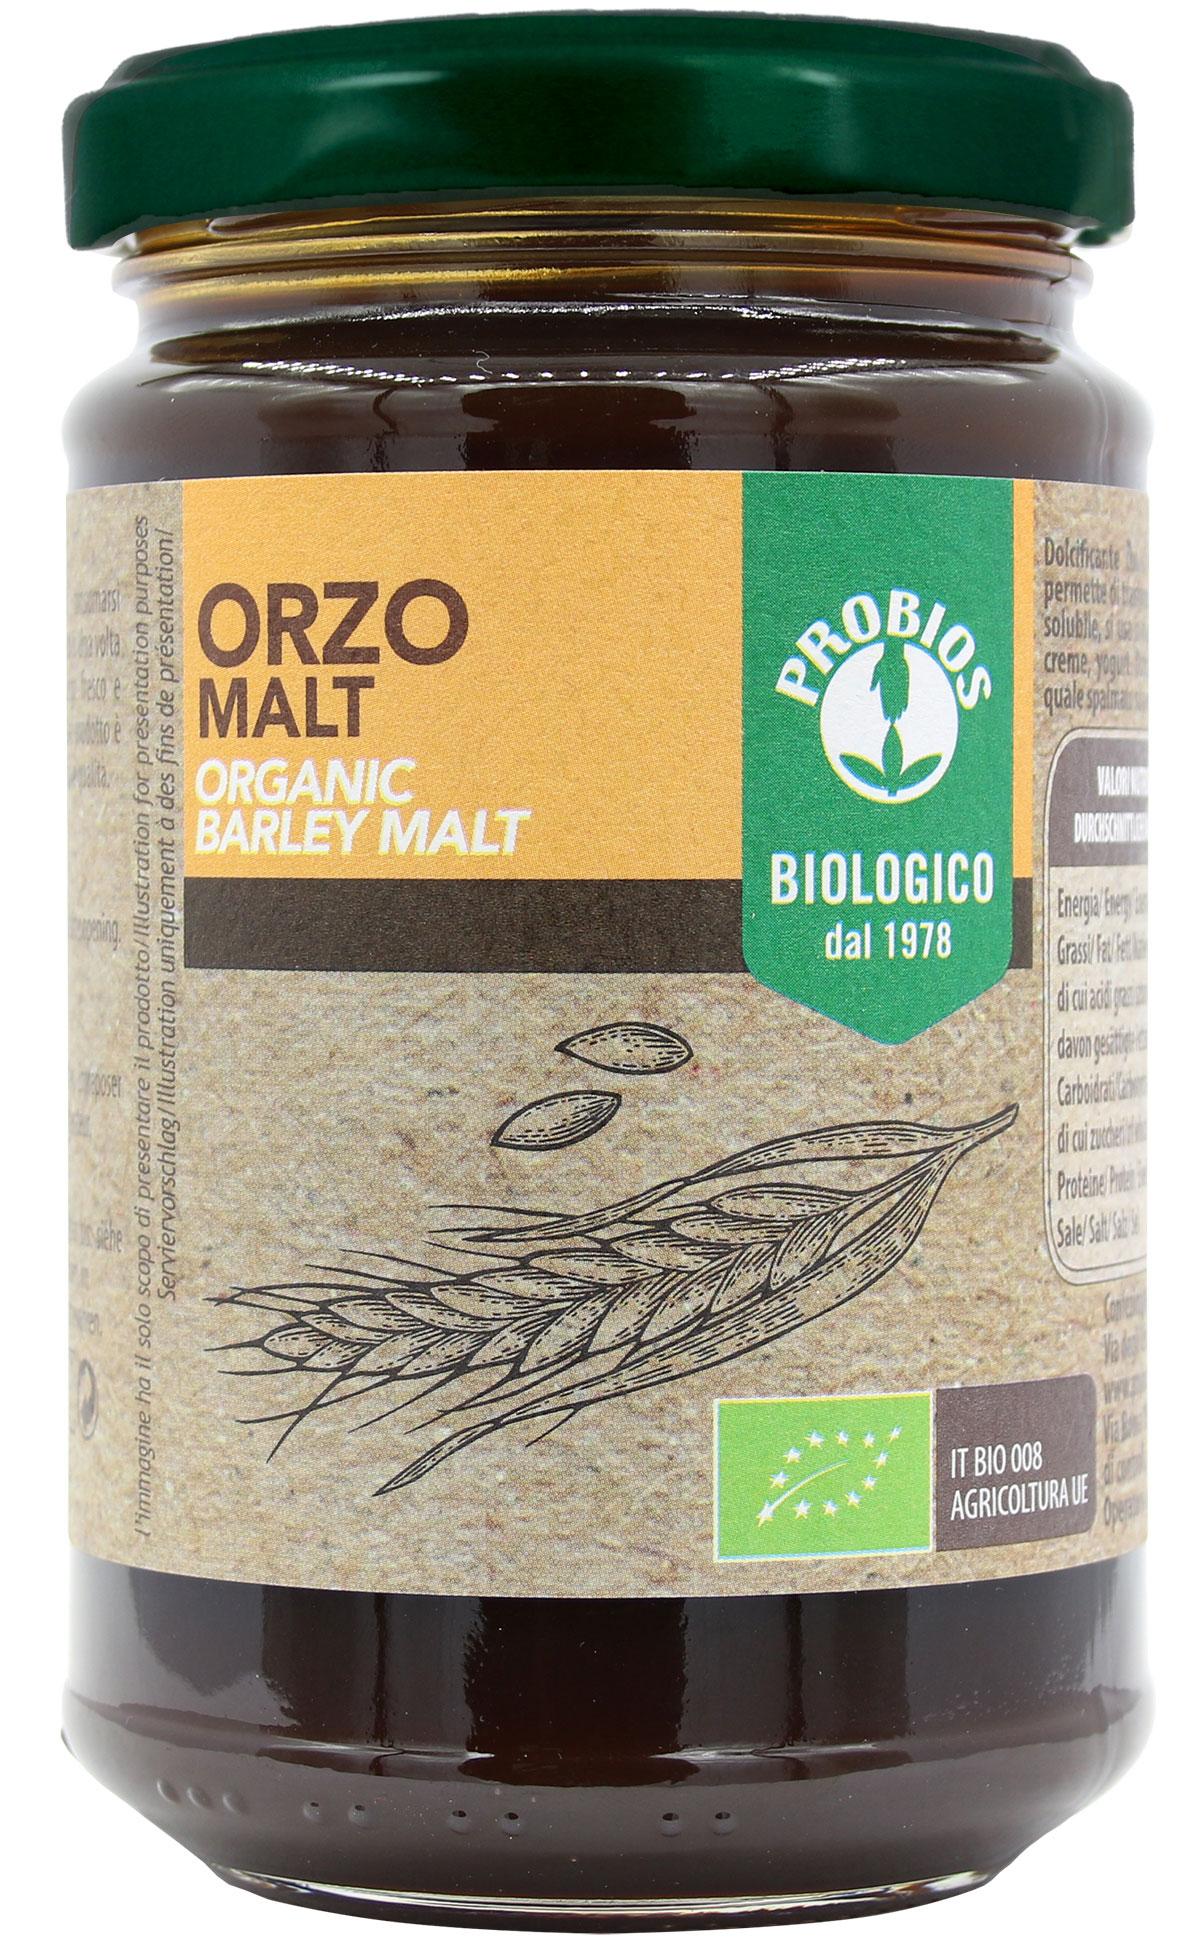 Probios Orzo Malt Malto Di Orzo Biologico 400g